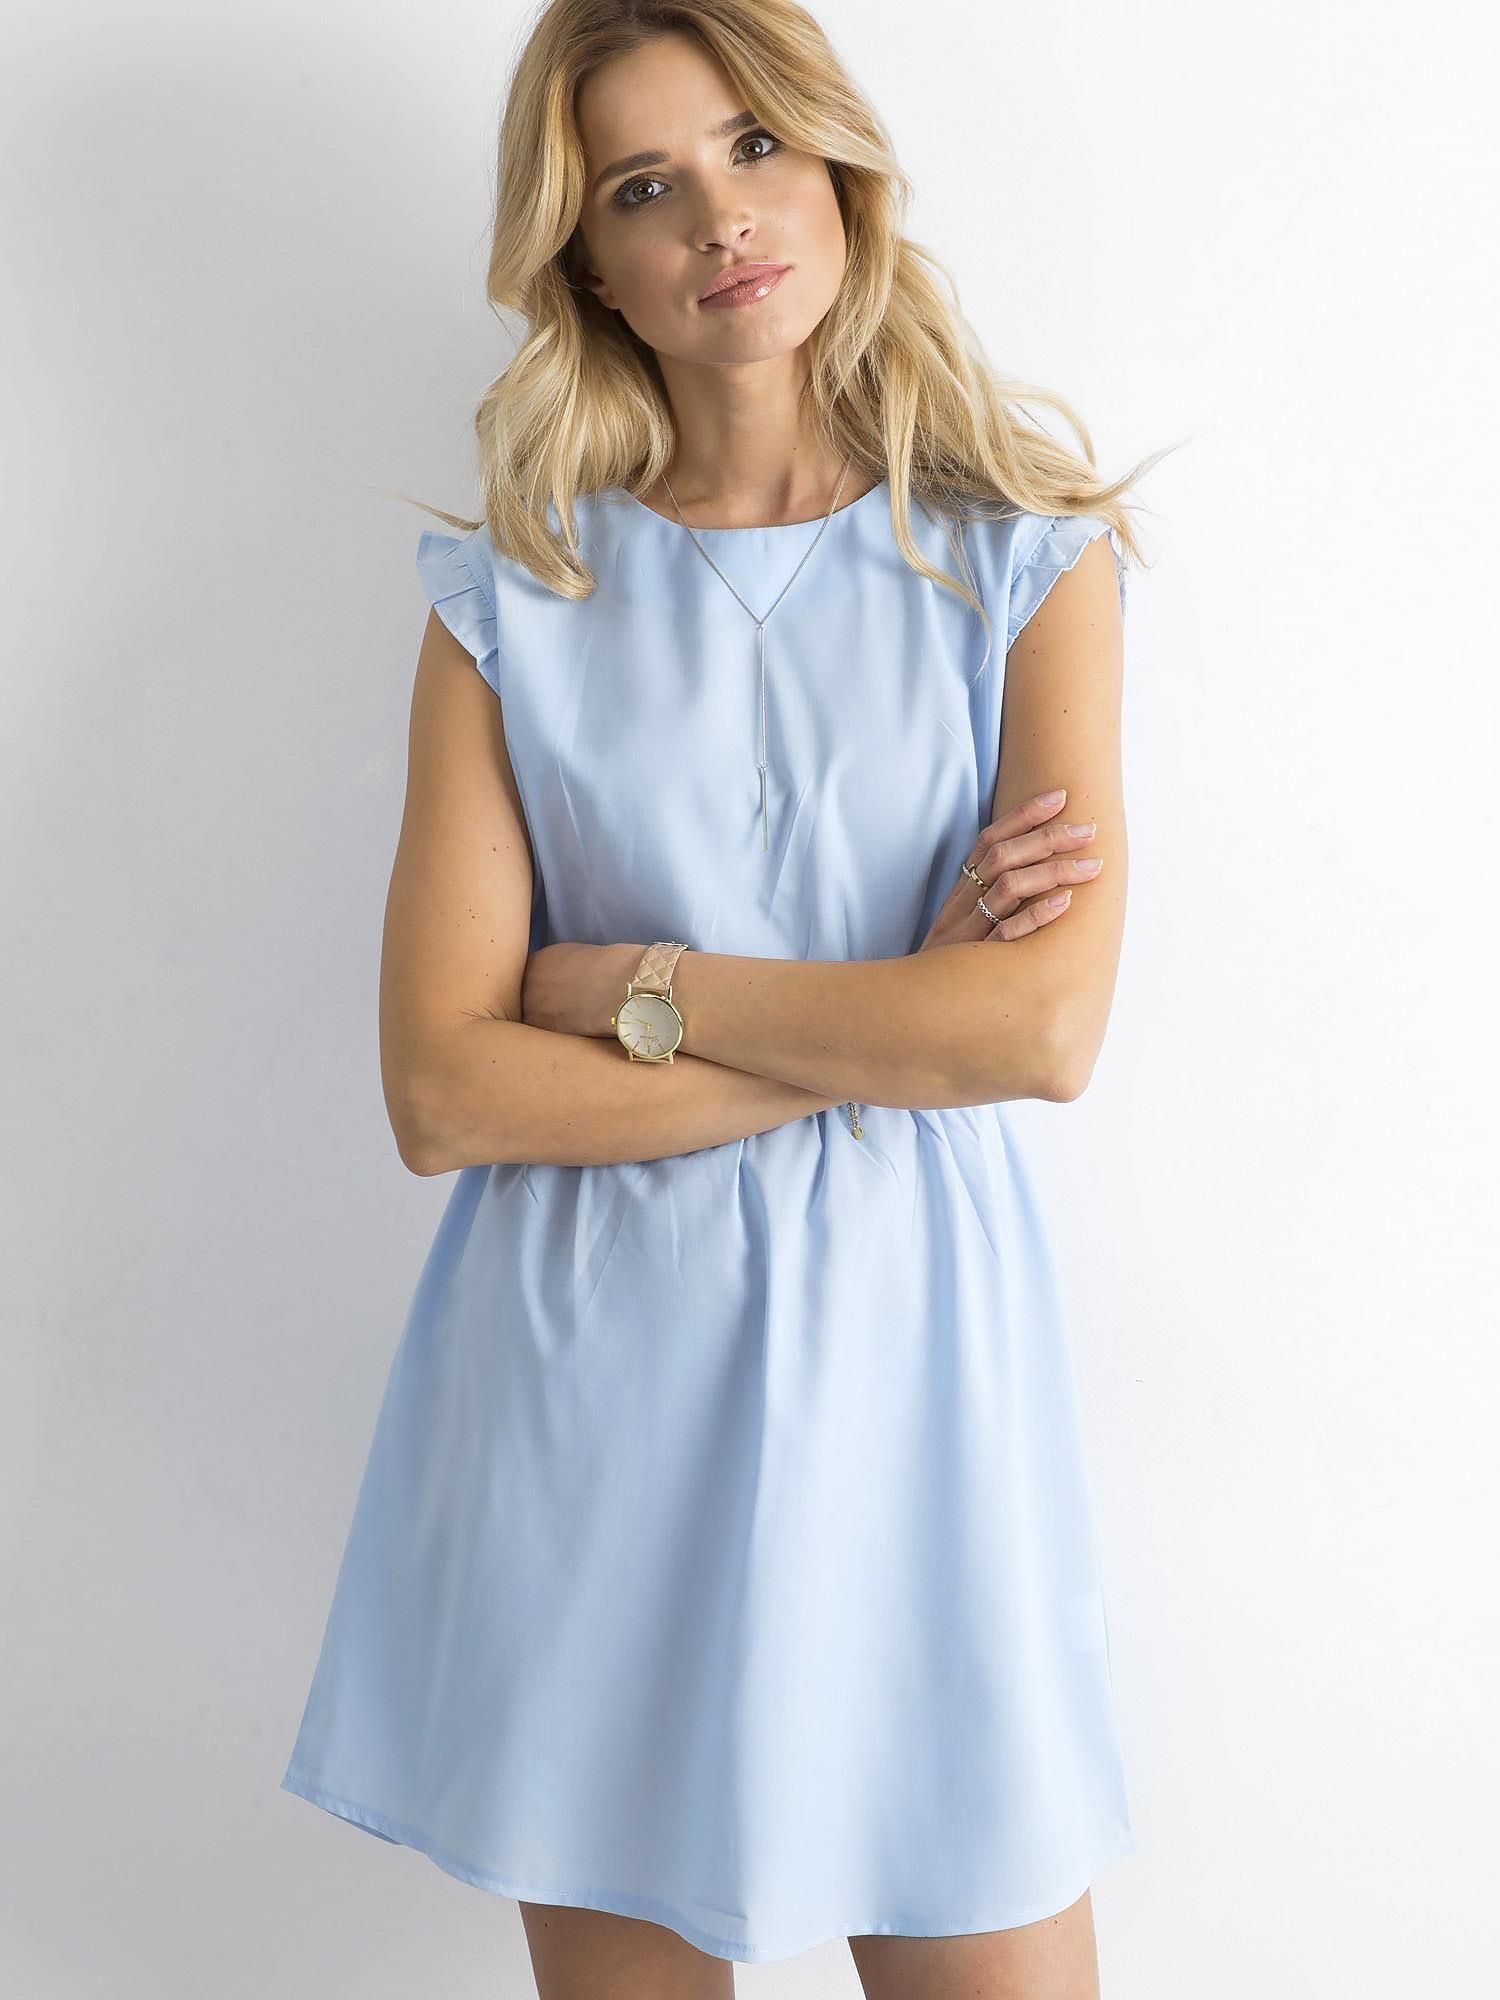 39bd3d2bd3 Niebieska sukienka z falbanami na rękawach - Sukienka na co dzień - sklep  eButik.pl